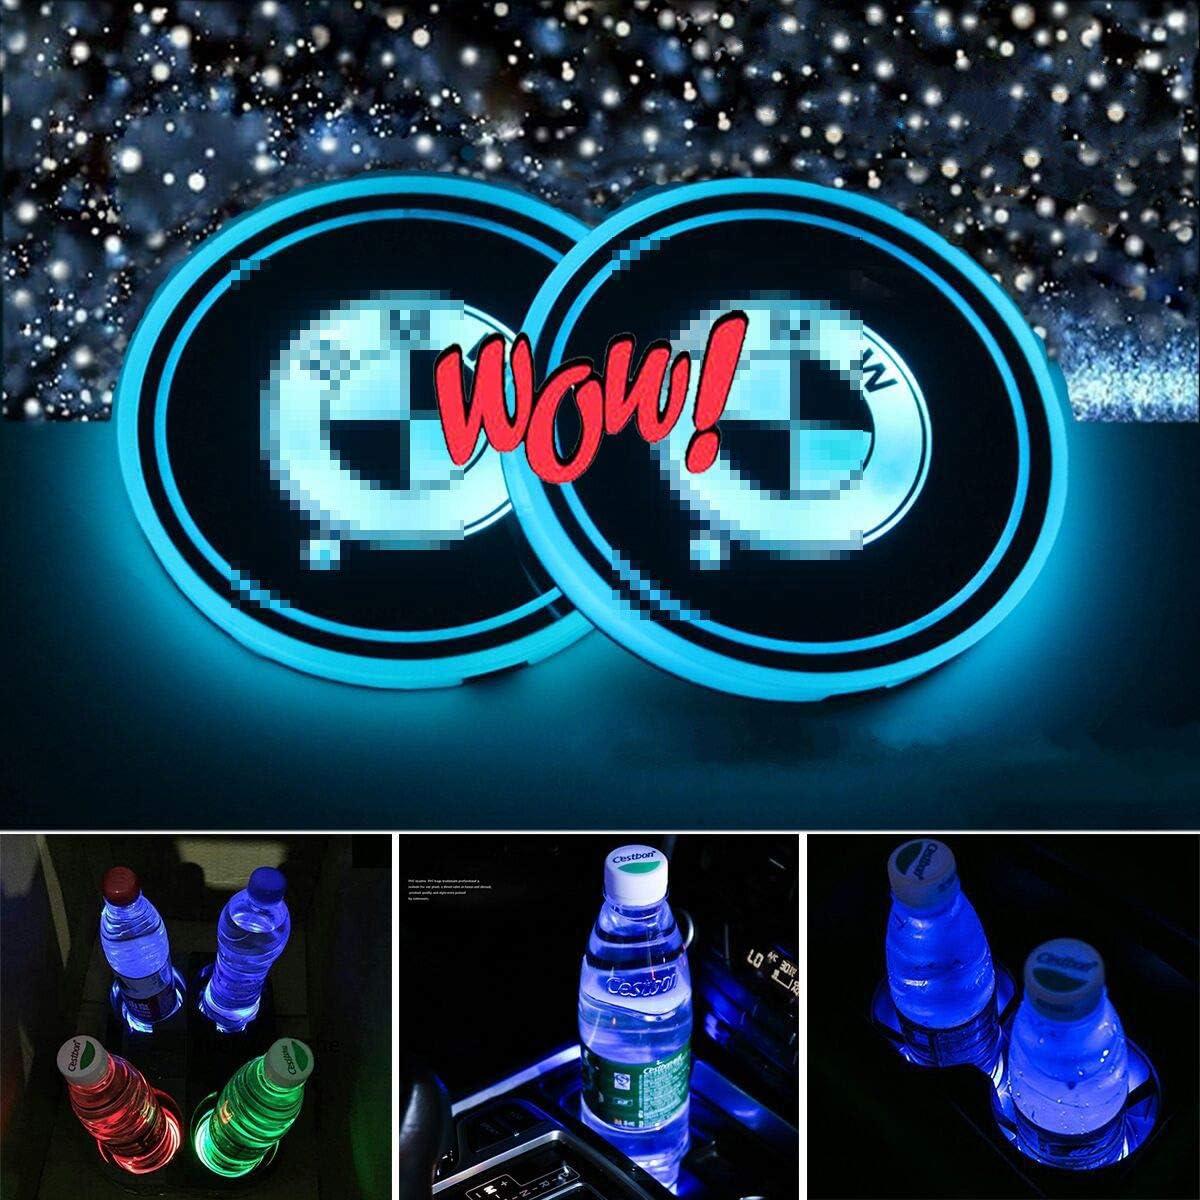 Choisissez Votre Voiture KINBEAR Porte-gobelet LED Voiture Coaster 7 Couleurs Porte-gobelet de Chargement USB Porte-Boisson Luminescence LED int/érieure Voiture D/écoration Lumi/ère